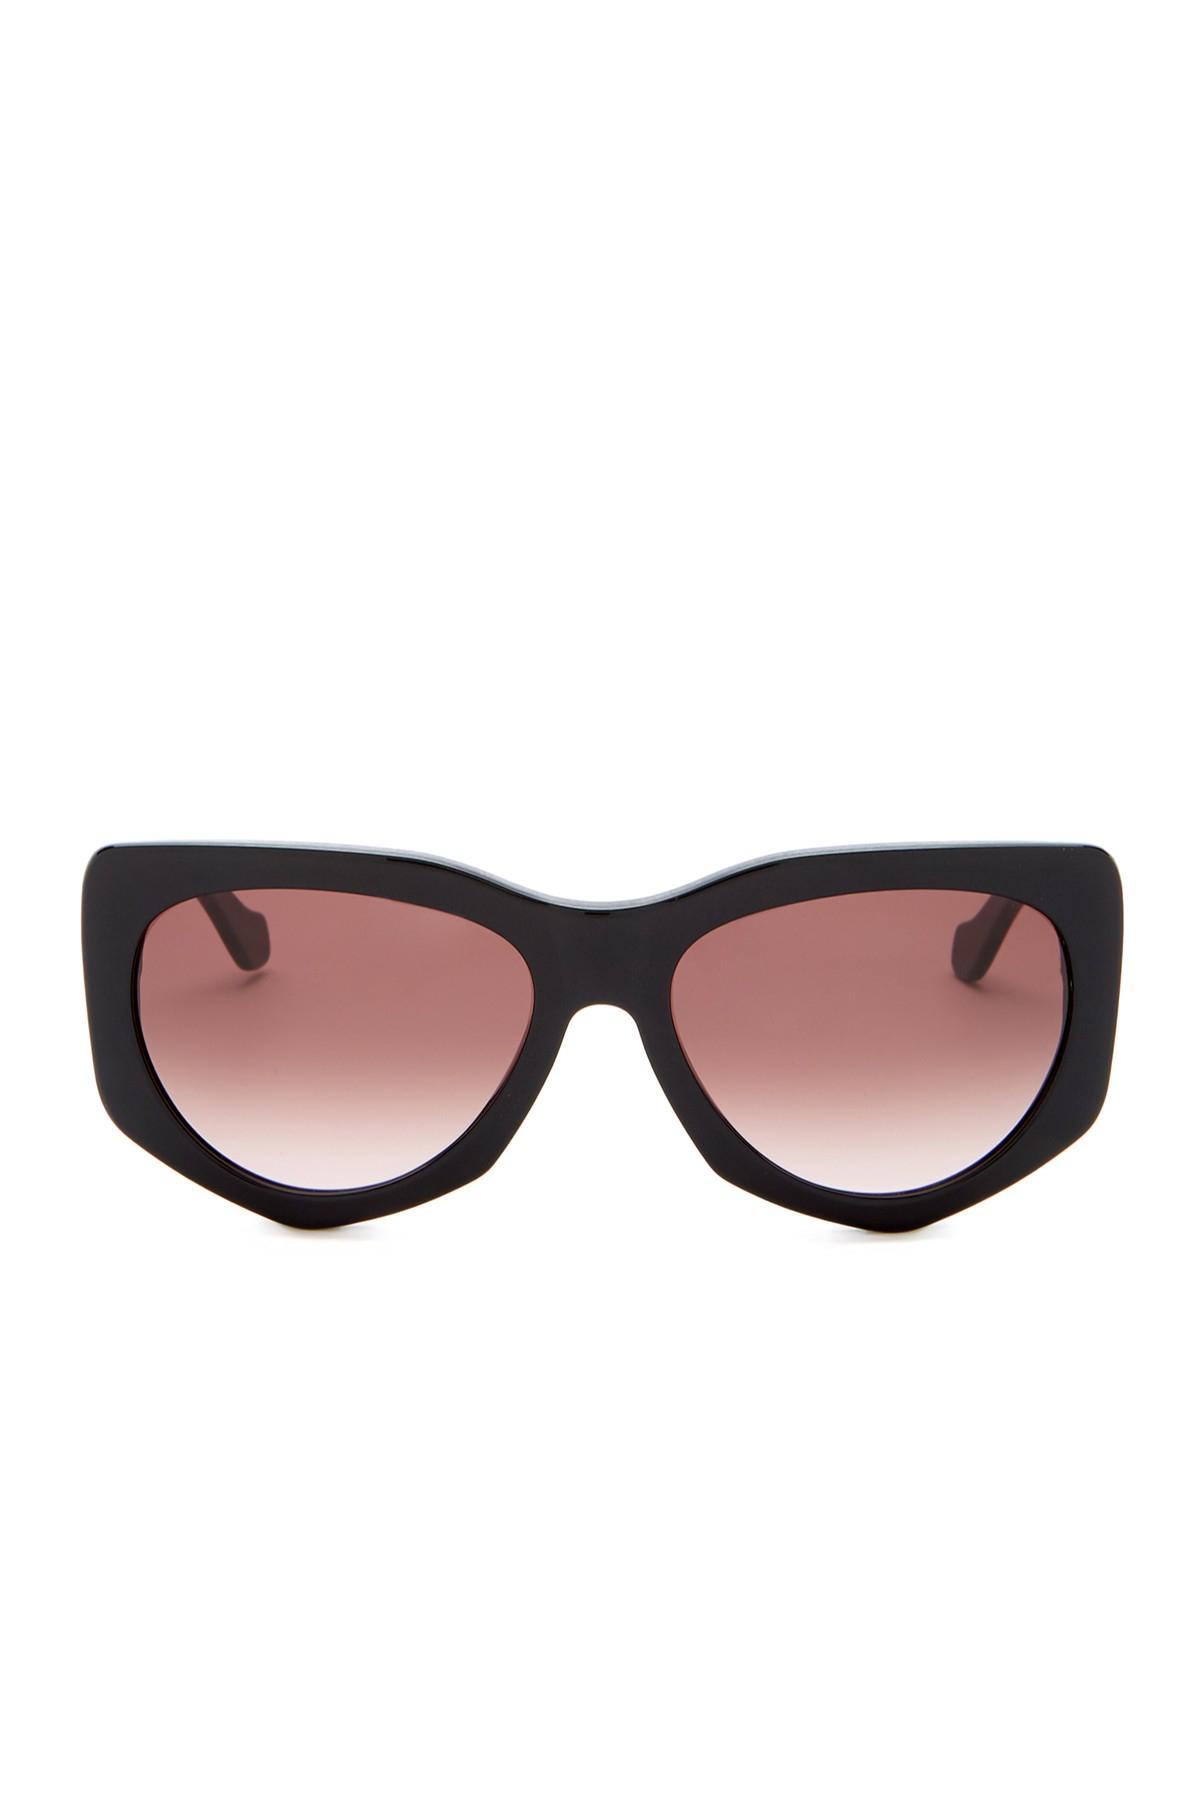 1fe730fdbeb45 Balenciaga Women  39 s Plastic Sunglasses in Black